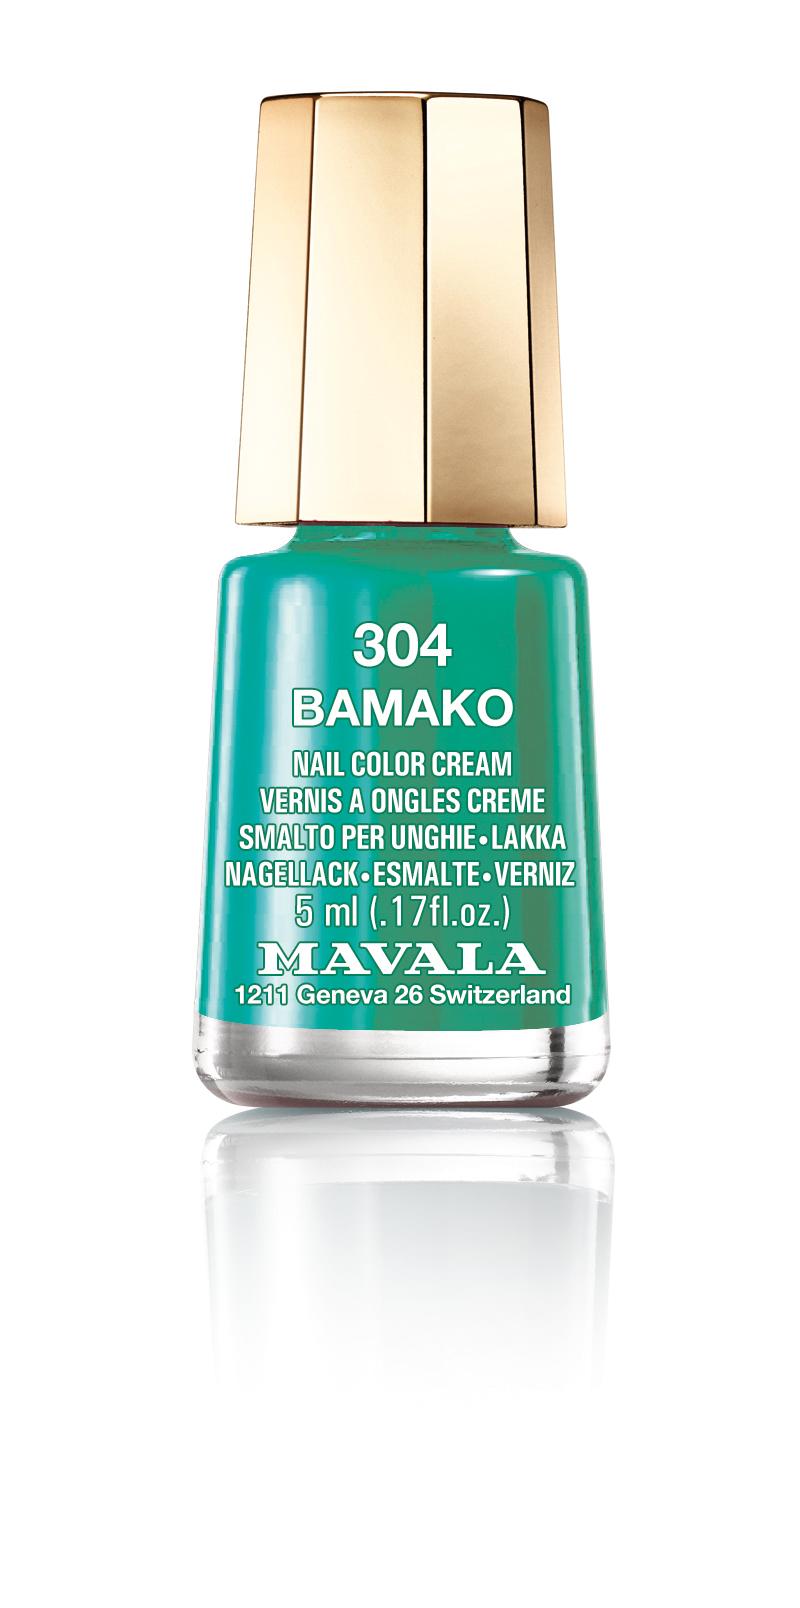 304 BAMAKO